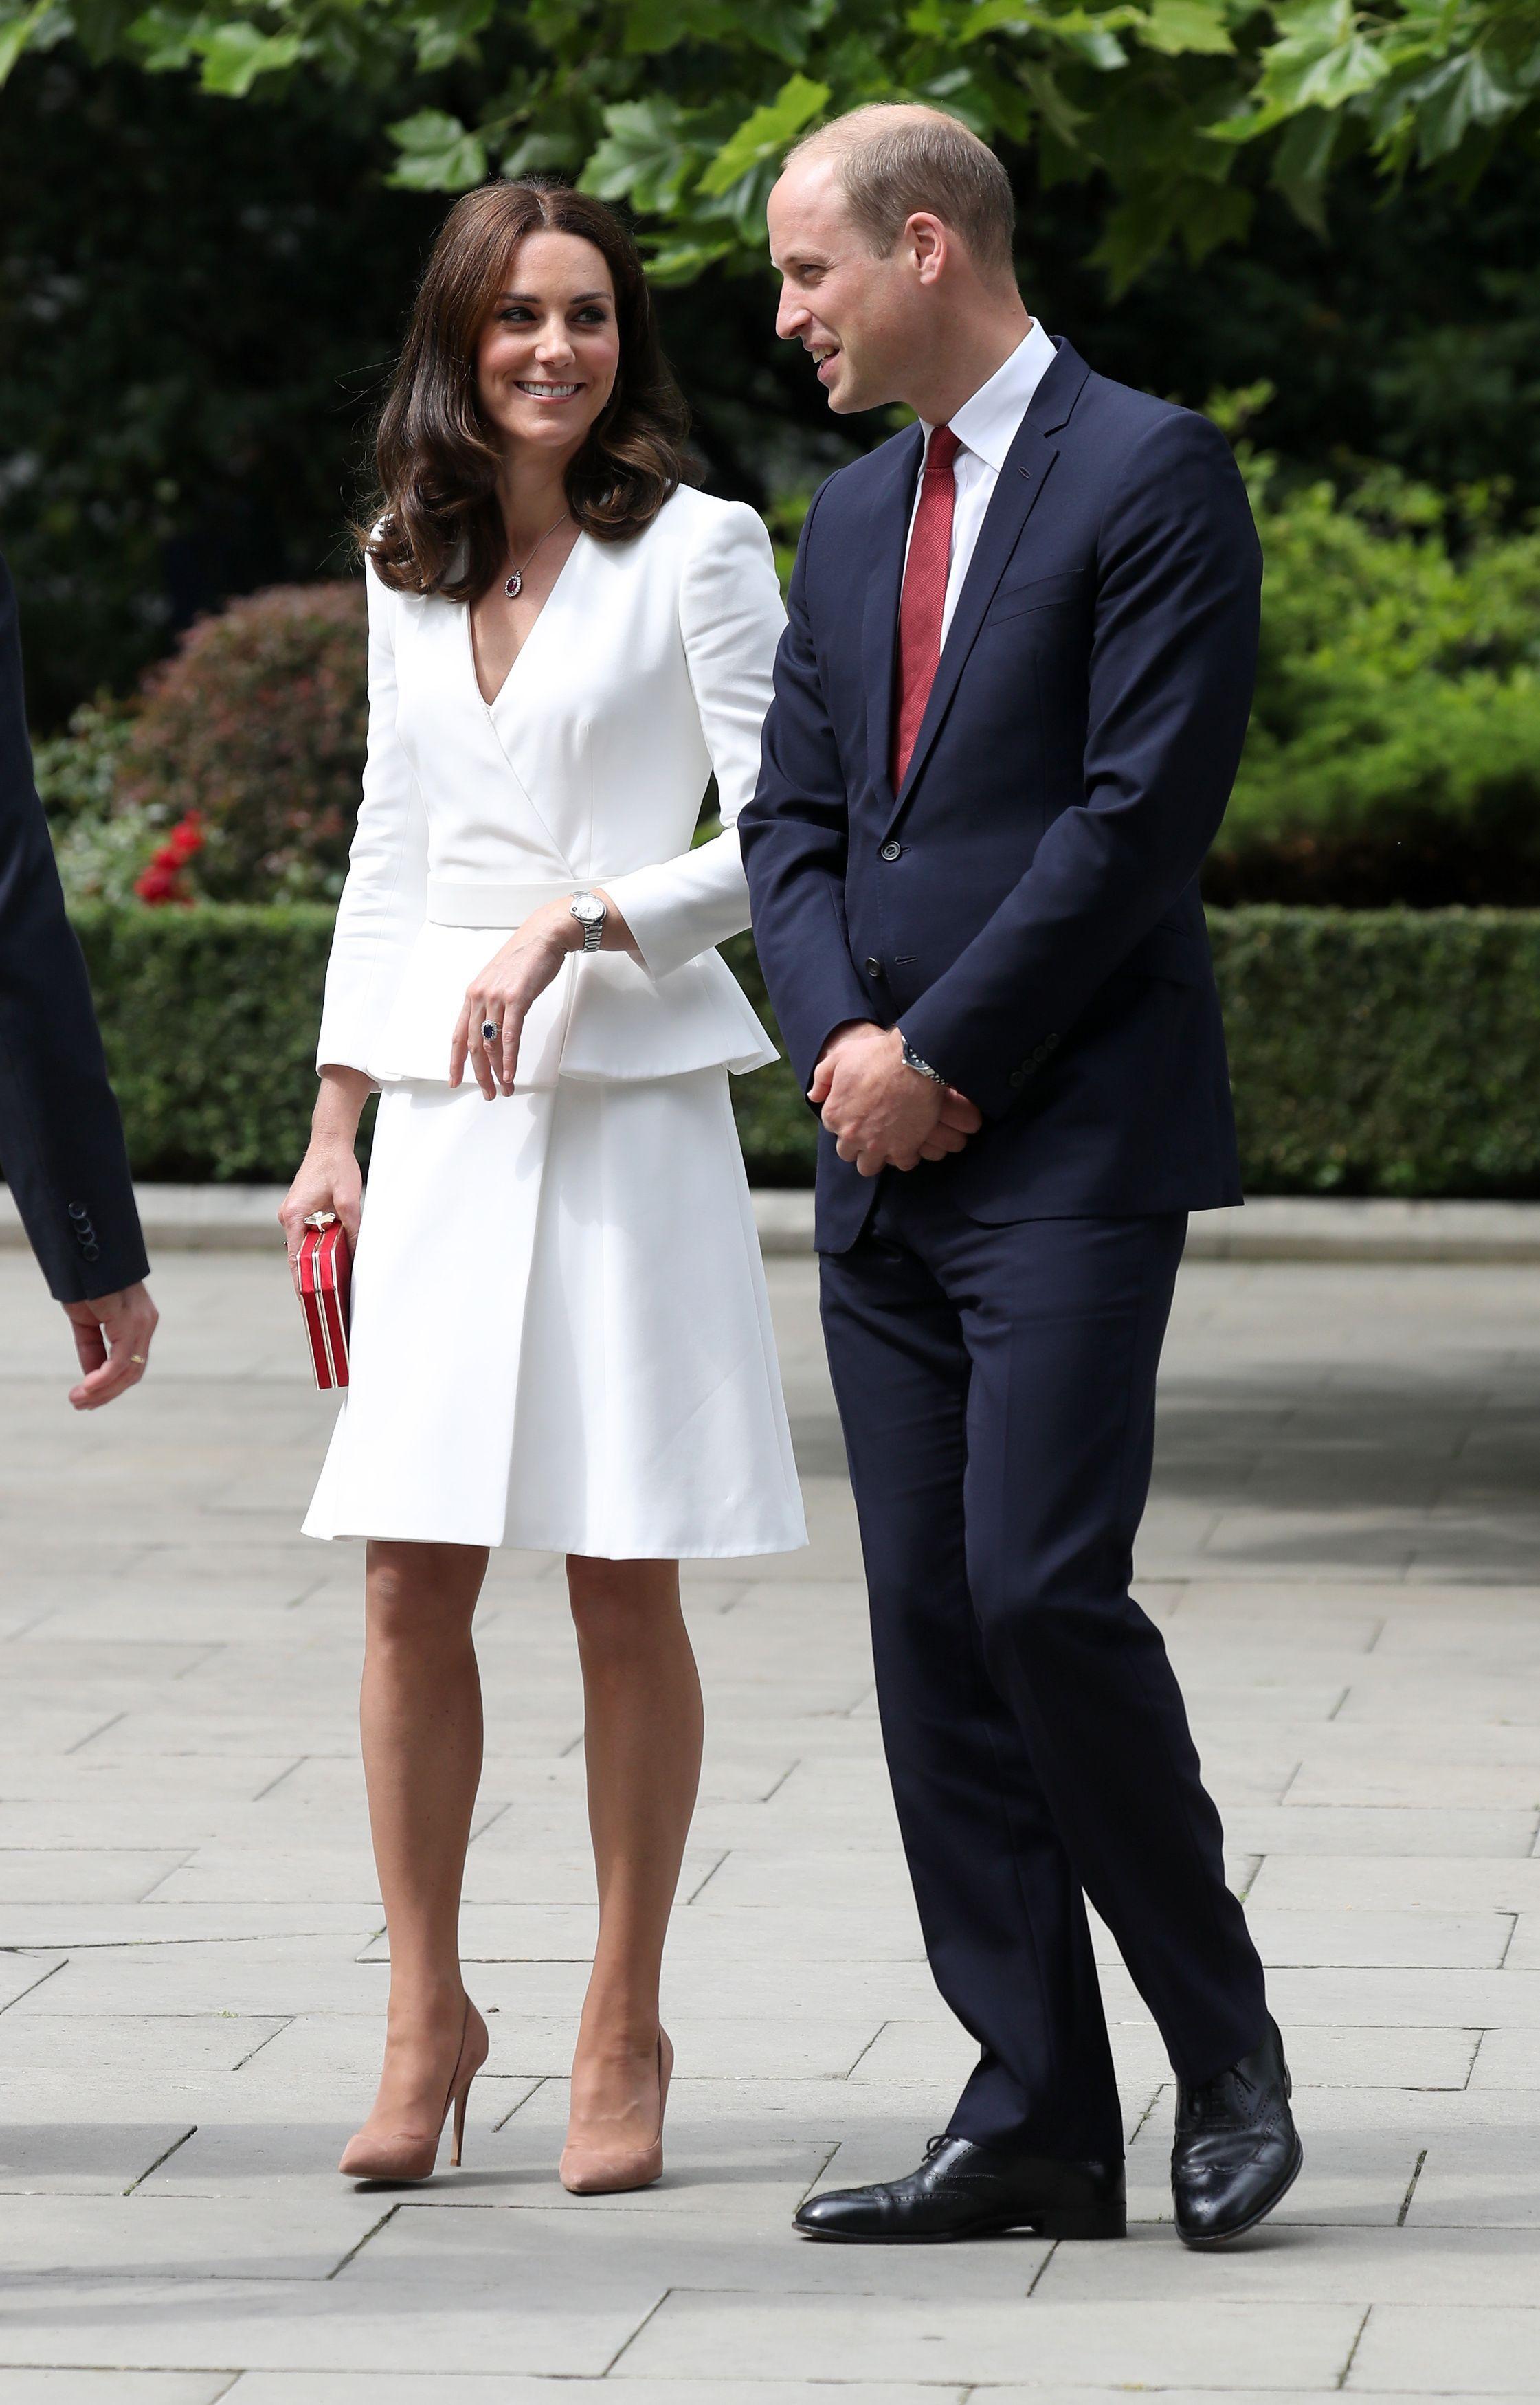 Vojvotkinja od Cambridgea i Princ William u posjetu Predsjedničkoj palači u Varšavi